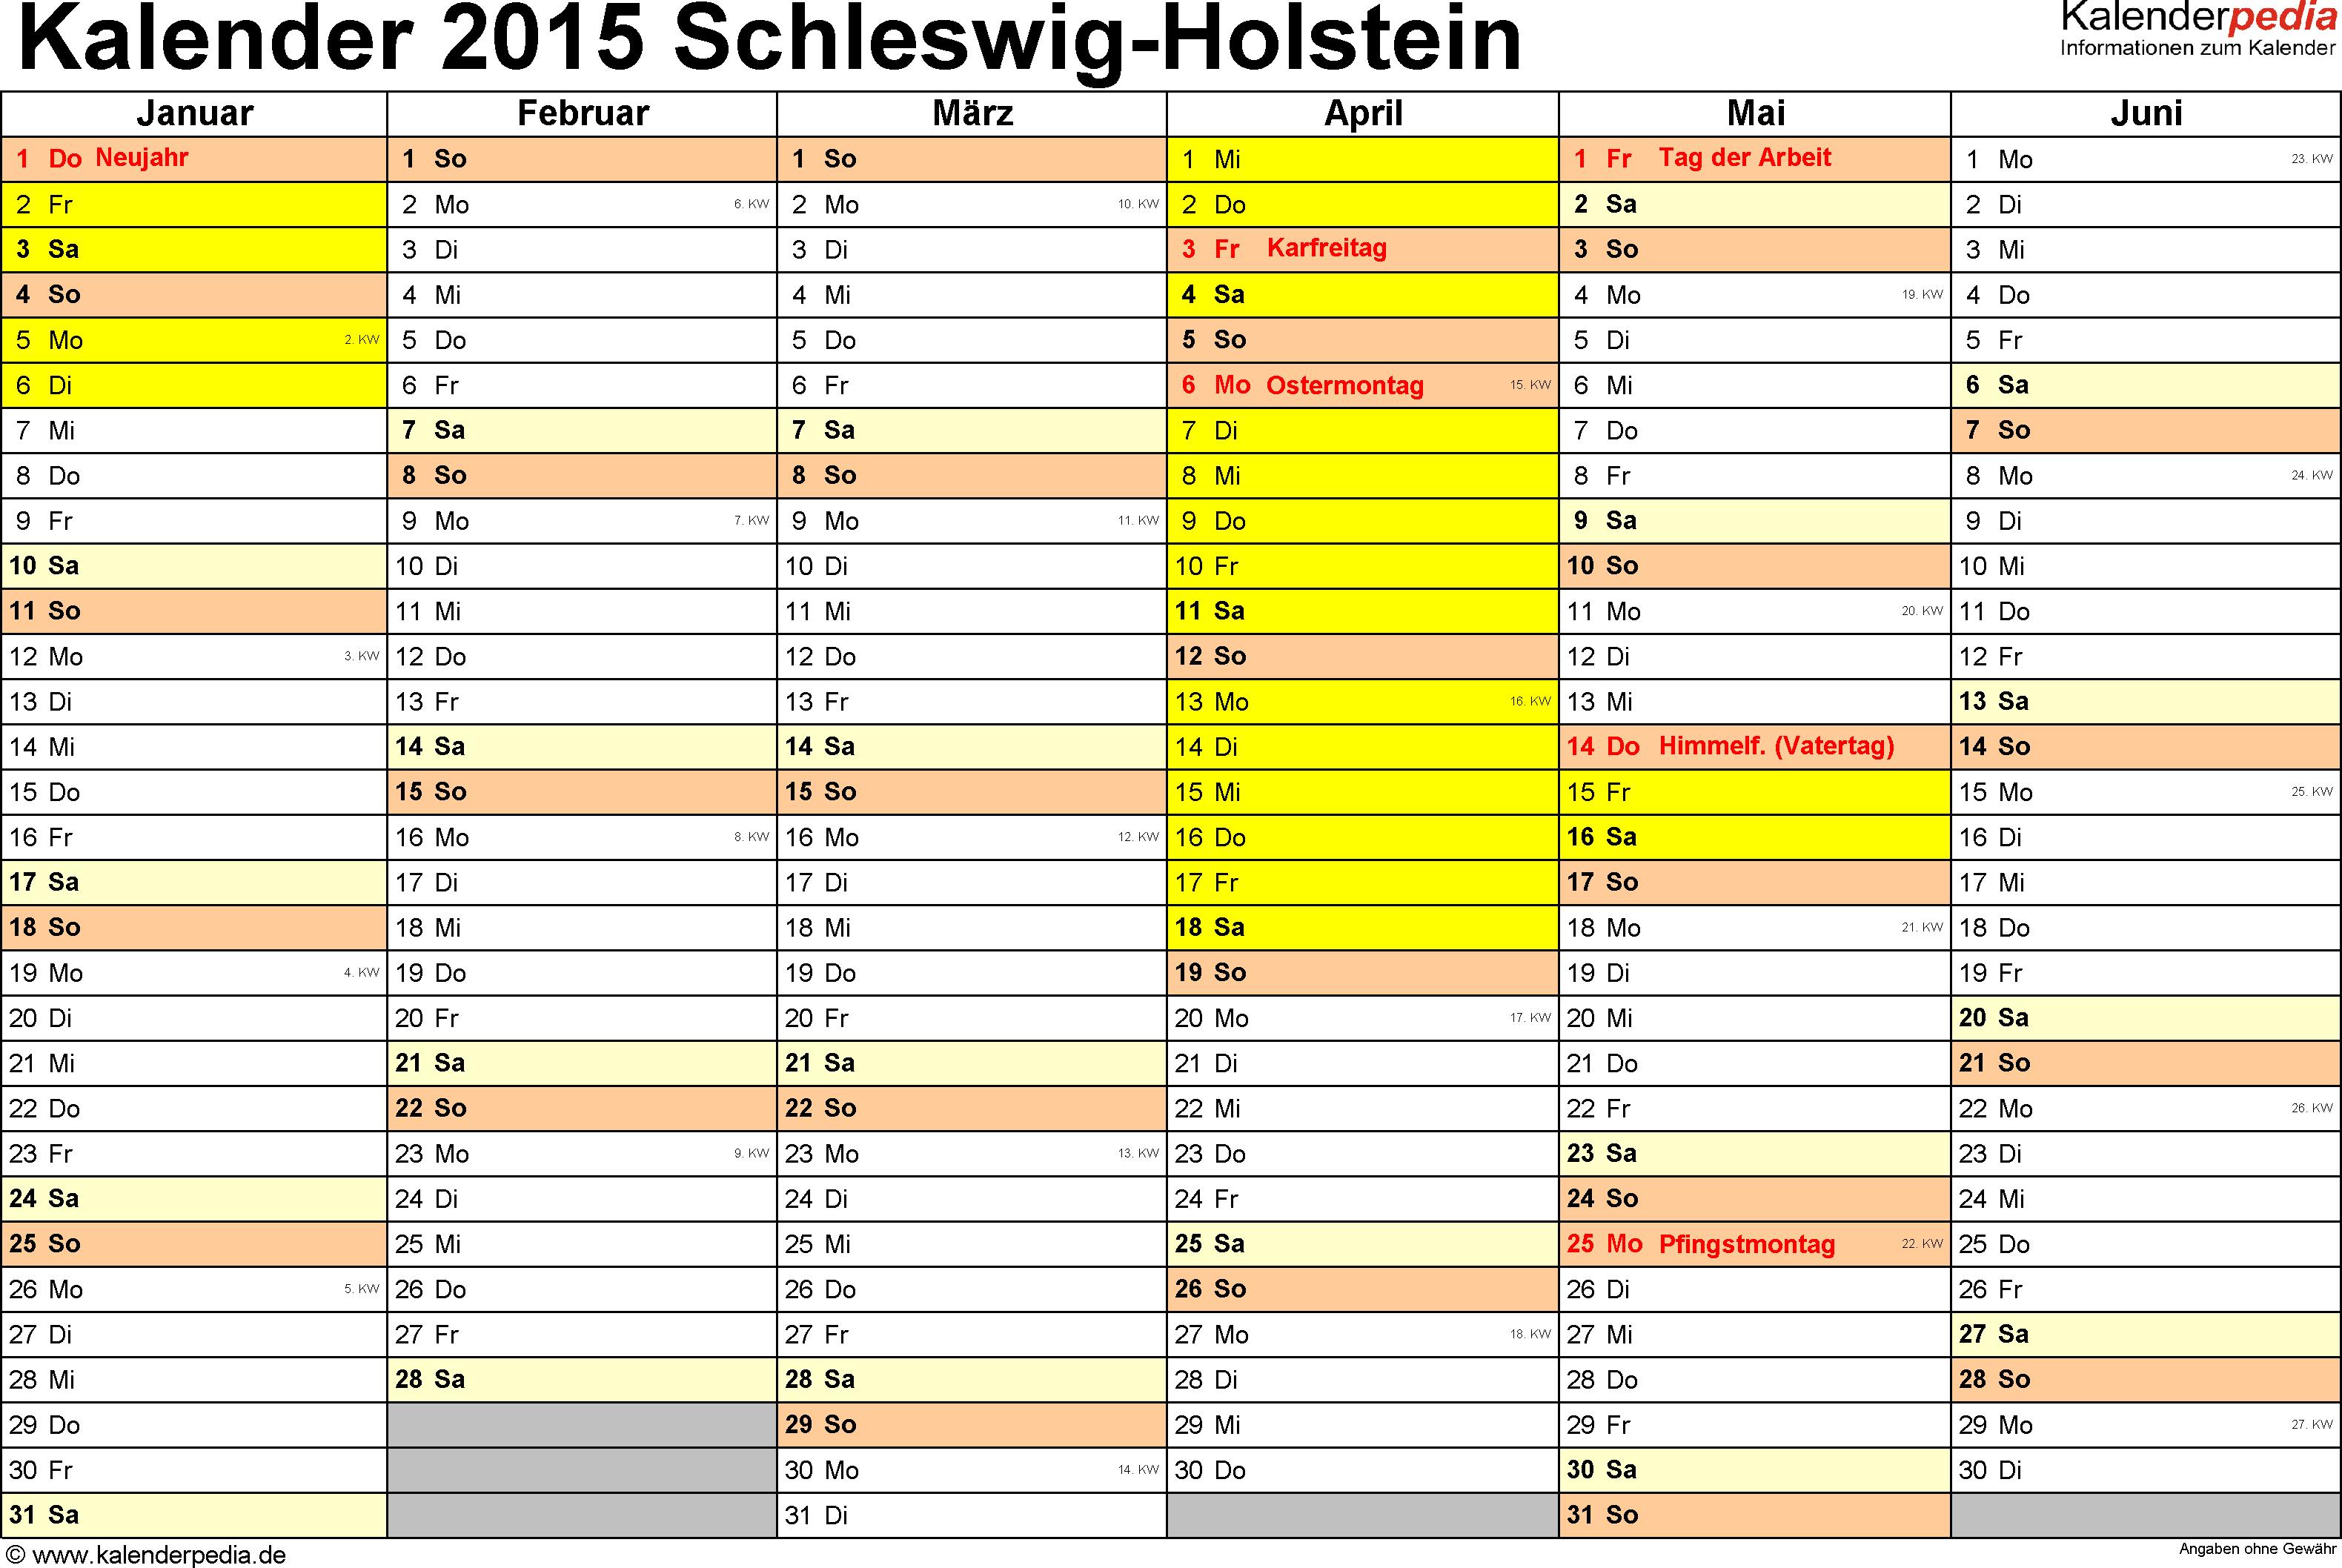 Vorlage 3: Kalender 2015 für Schleswig-Holstein als PDF-Vorlagen (Querformat, 2 Seiten)